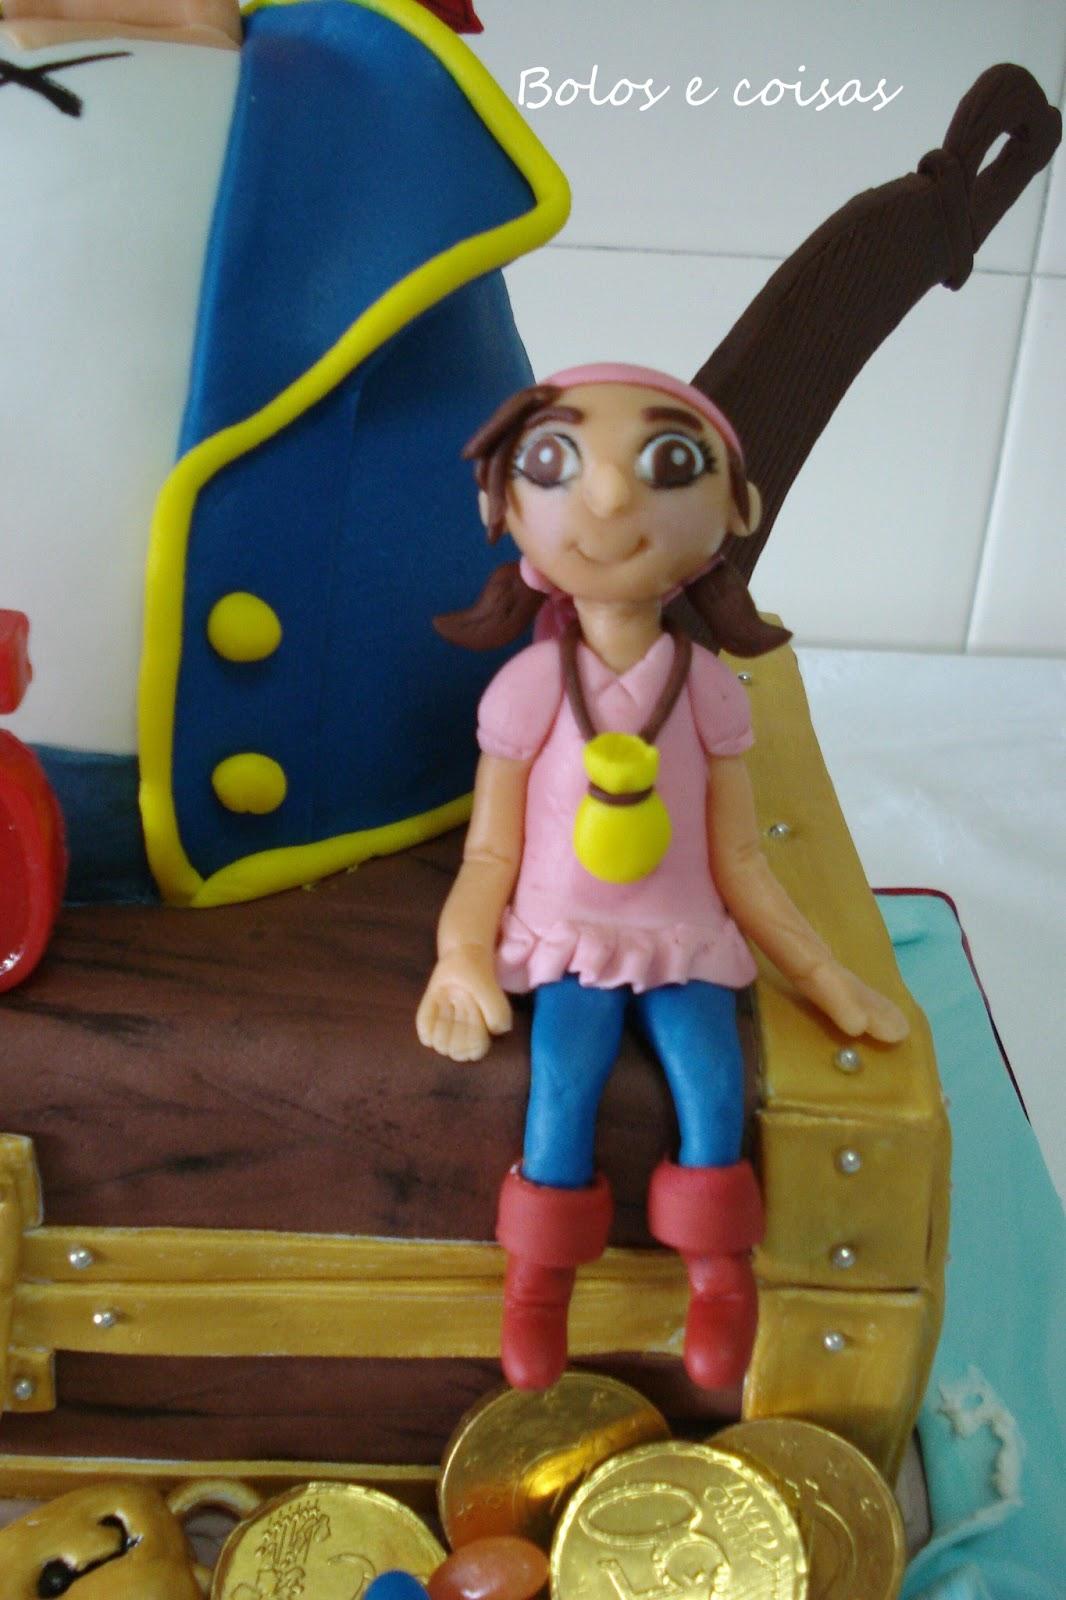 Cake Design Jake E Os Piratas : Jake e os Piratas do Martim Bolos e coisas - Bolos ...